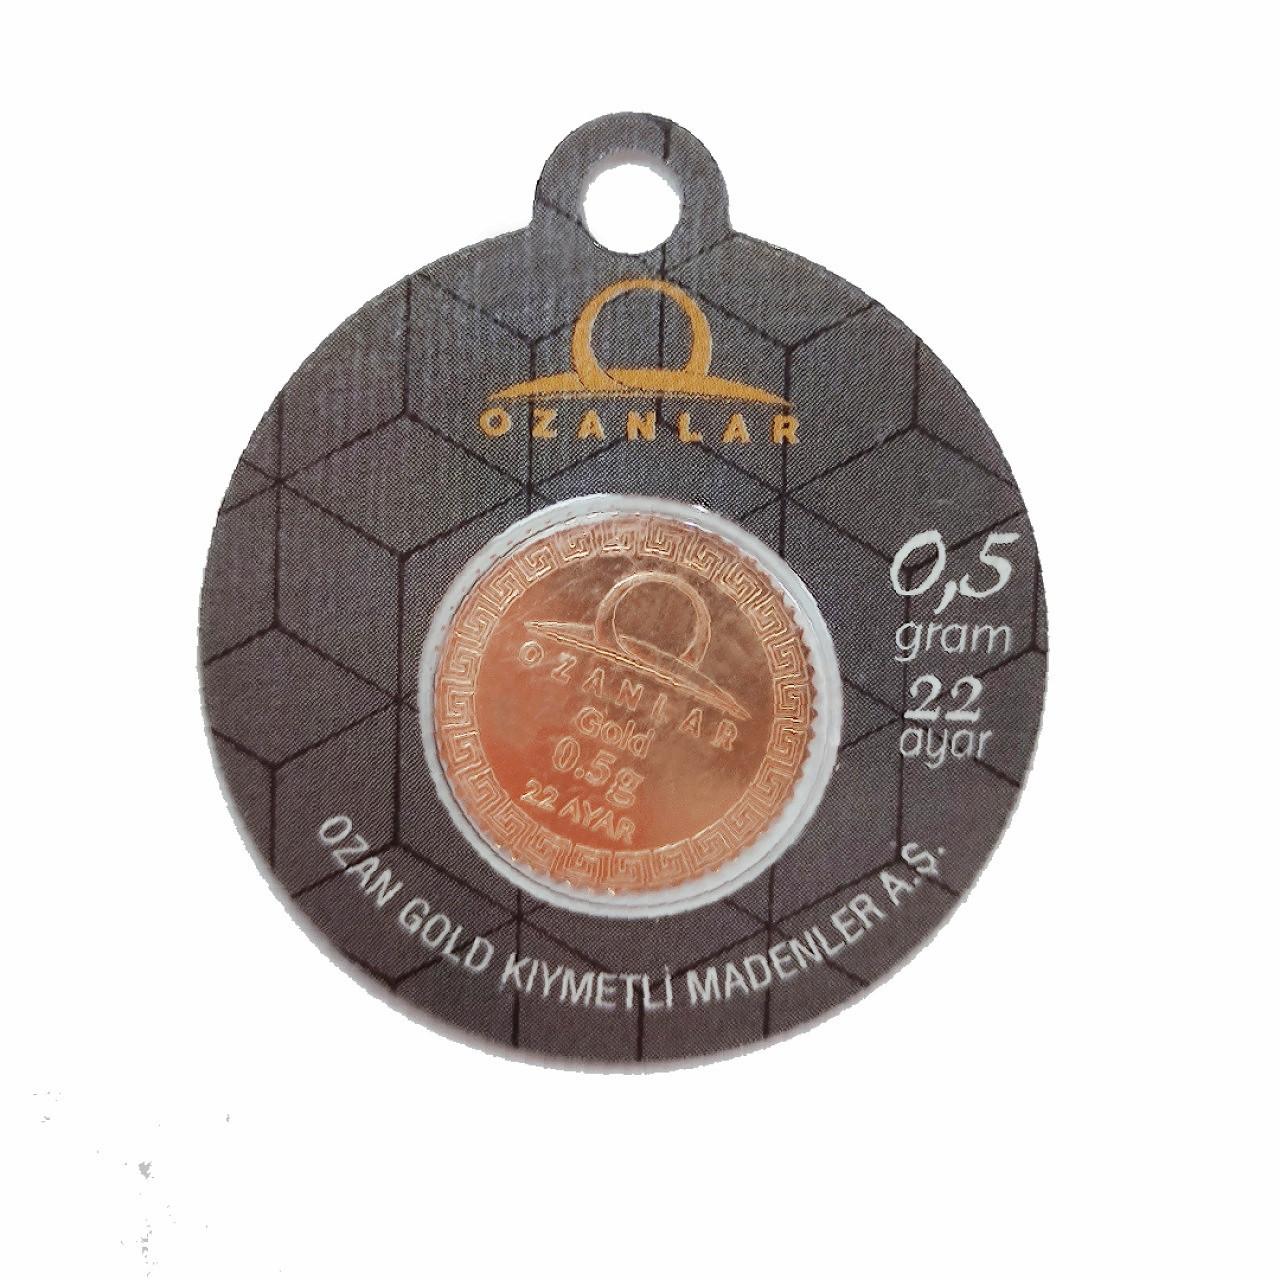 0.5 Gr 22 Ayar OZANLAR Gram Altın